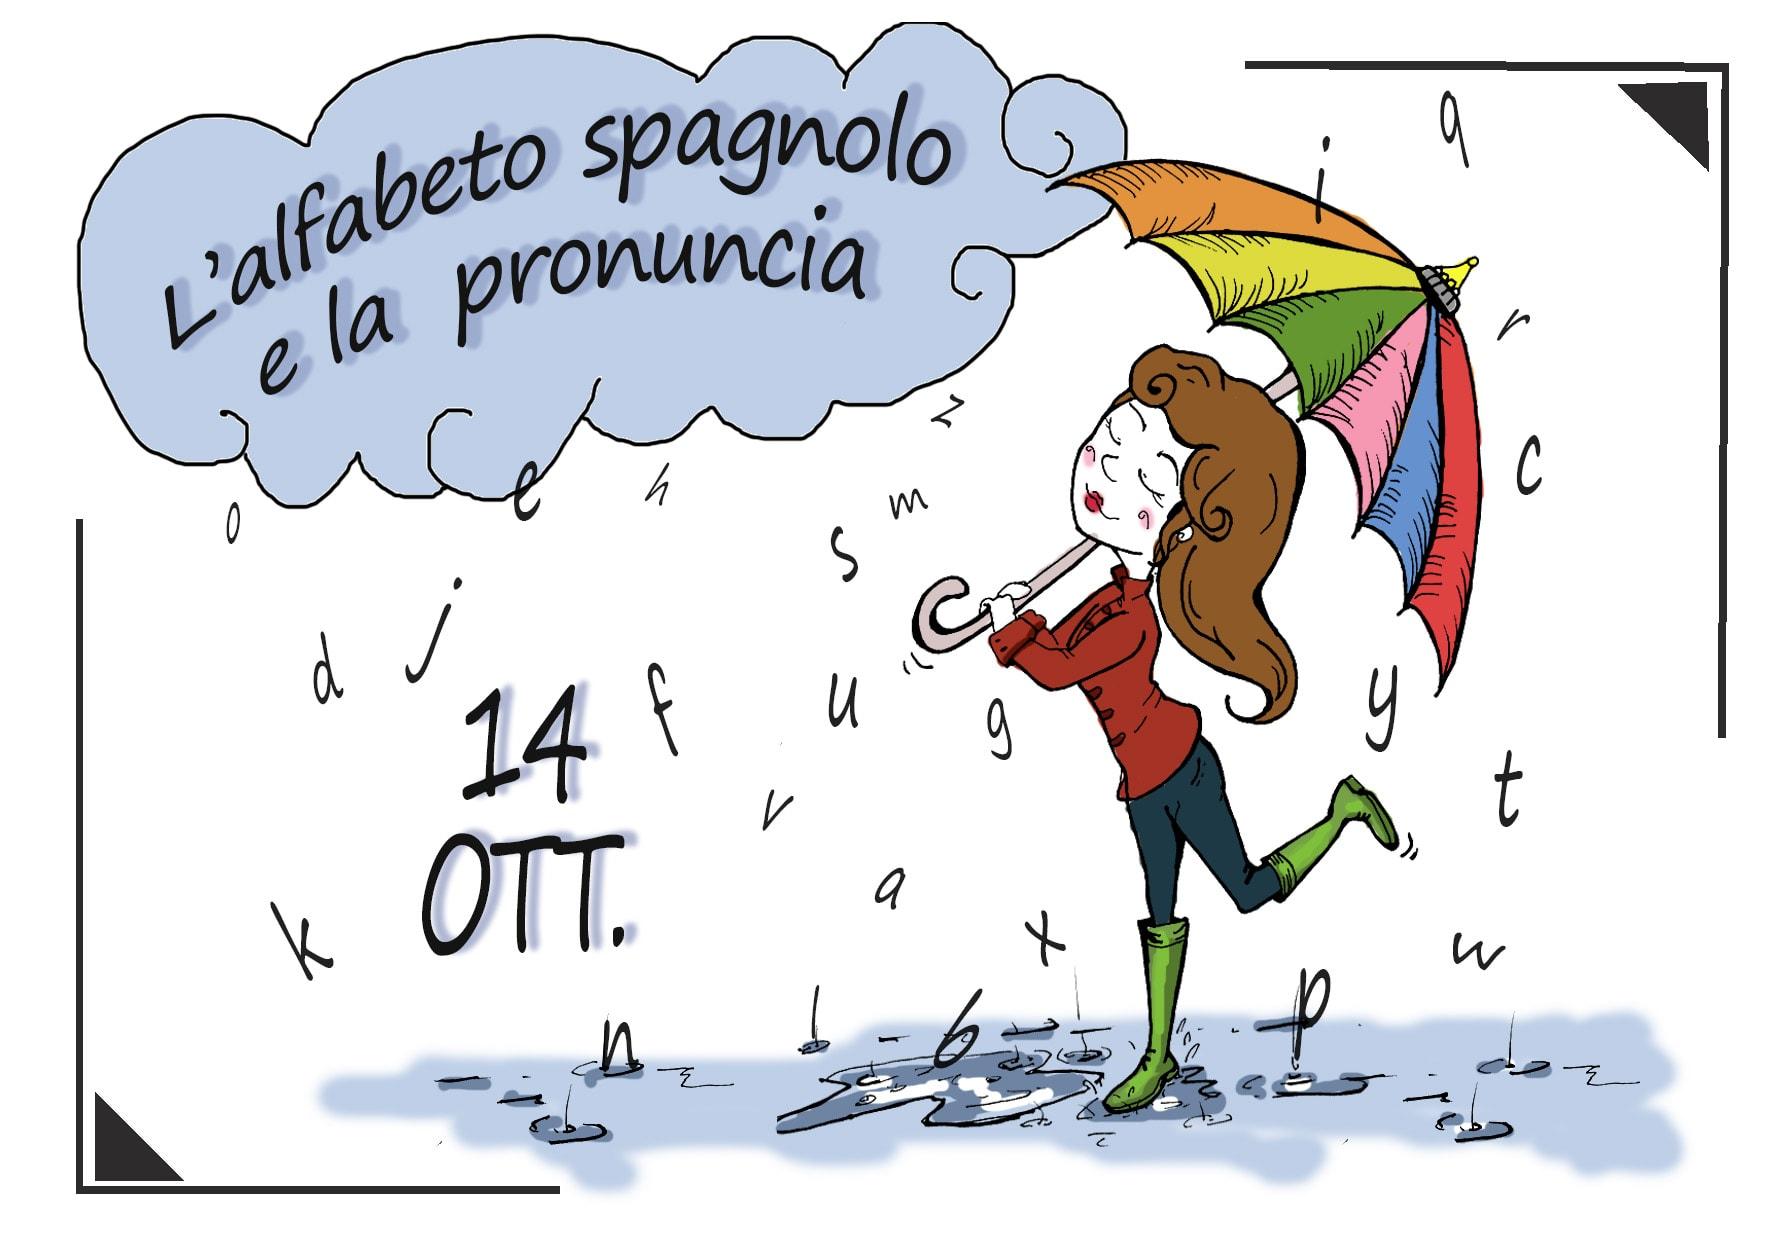 L'alfabeto spagnolo e la pronuncia 🗣️